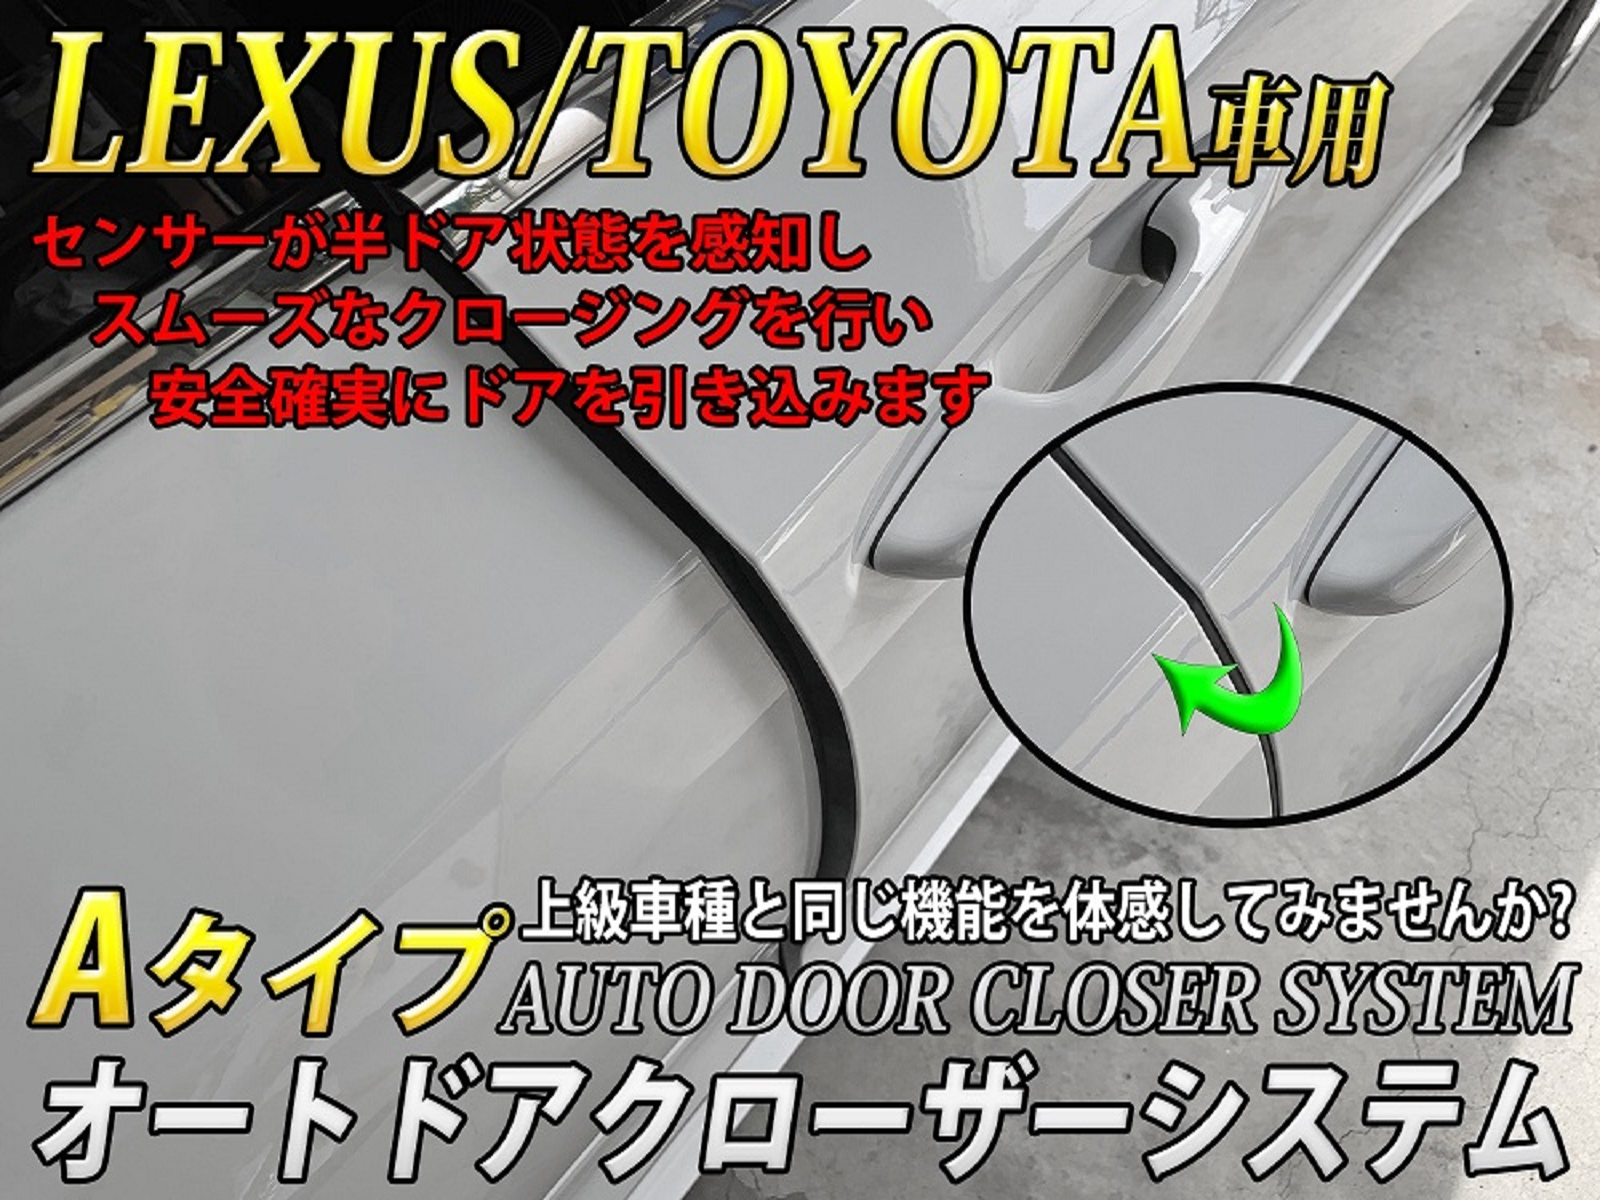 LEXUS/TOYOTA Aタイプオートドアクローザーシステム